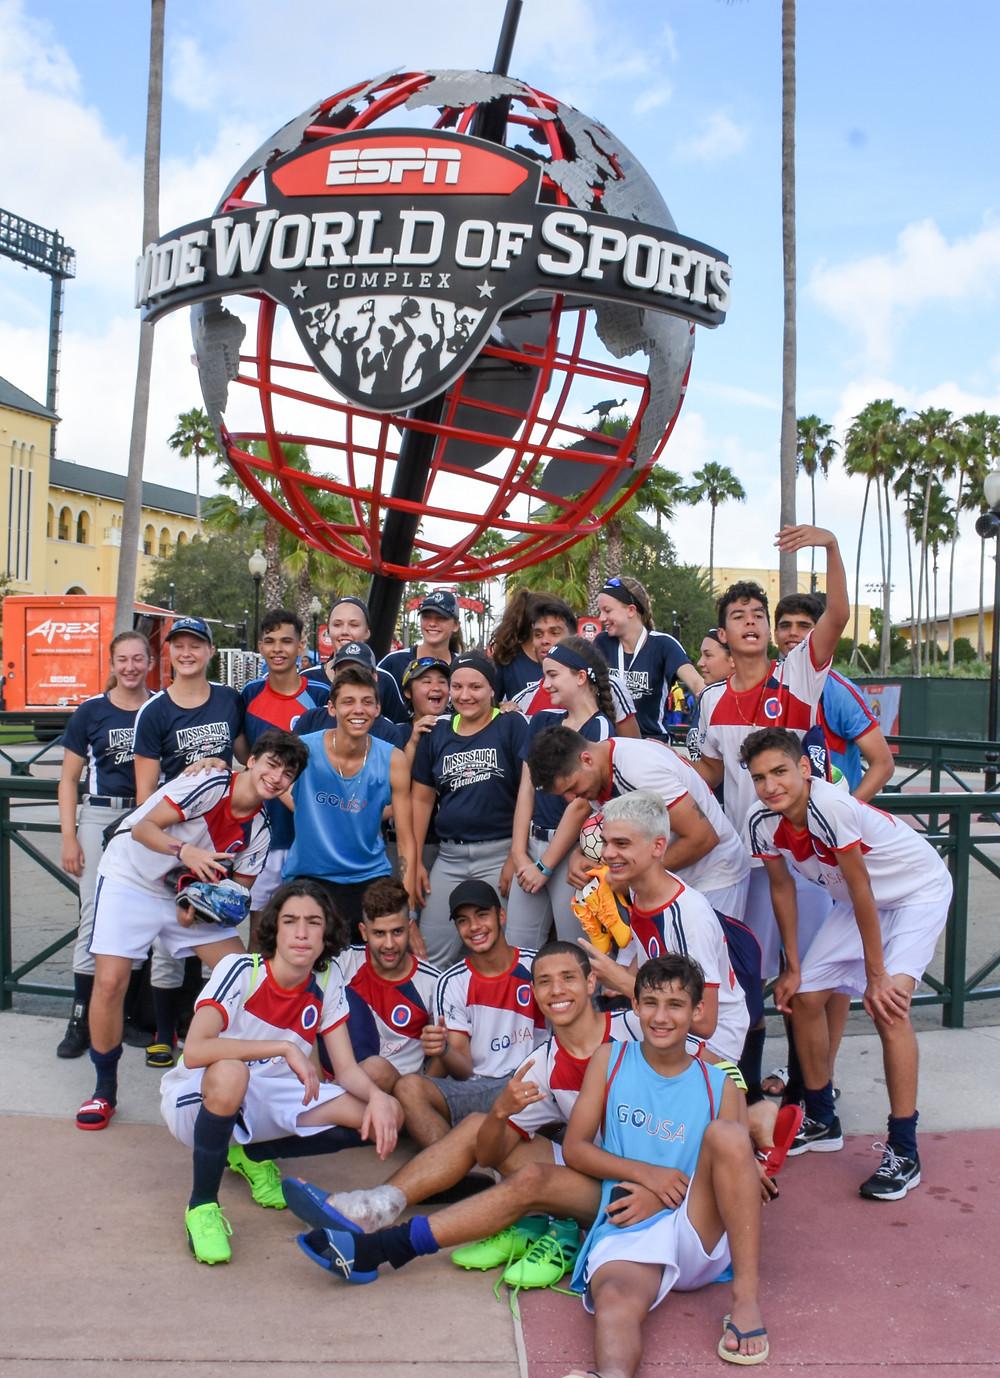 Despedida do Complexo ESPN da GO USA pela Disney Cup 2017